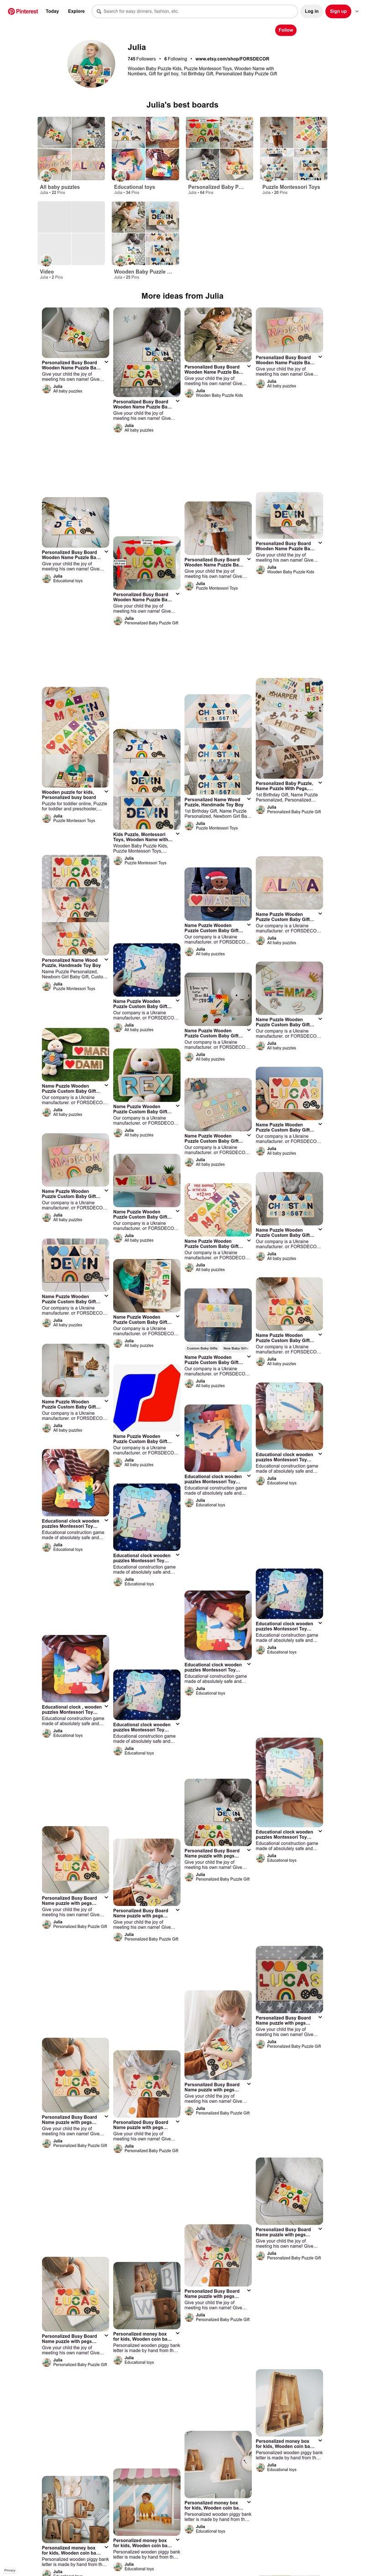 Wooden Baby Puzzle Kids, Puzzle Montessori Toys – работа в портфолио фрилансера